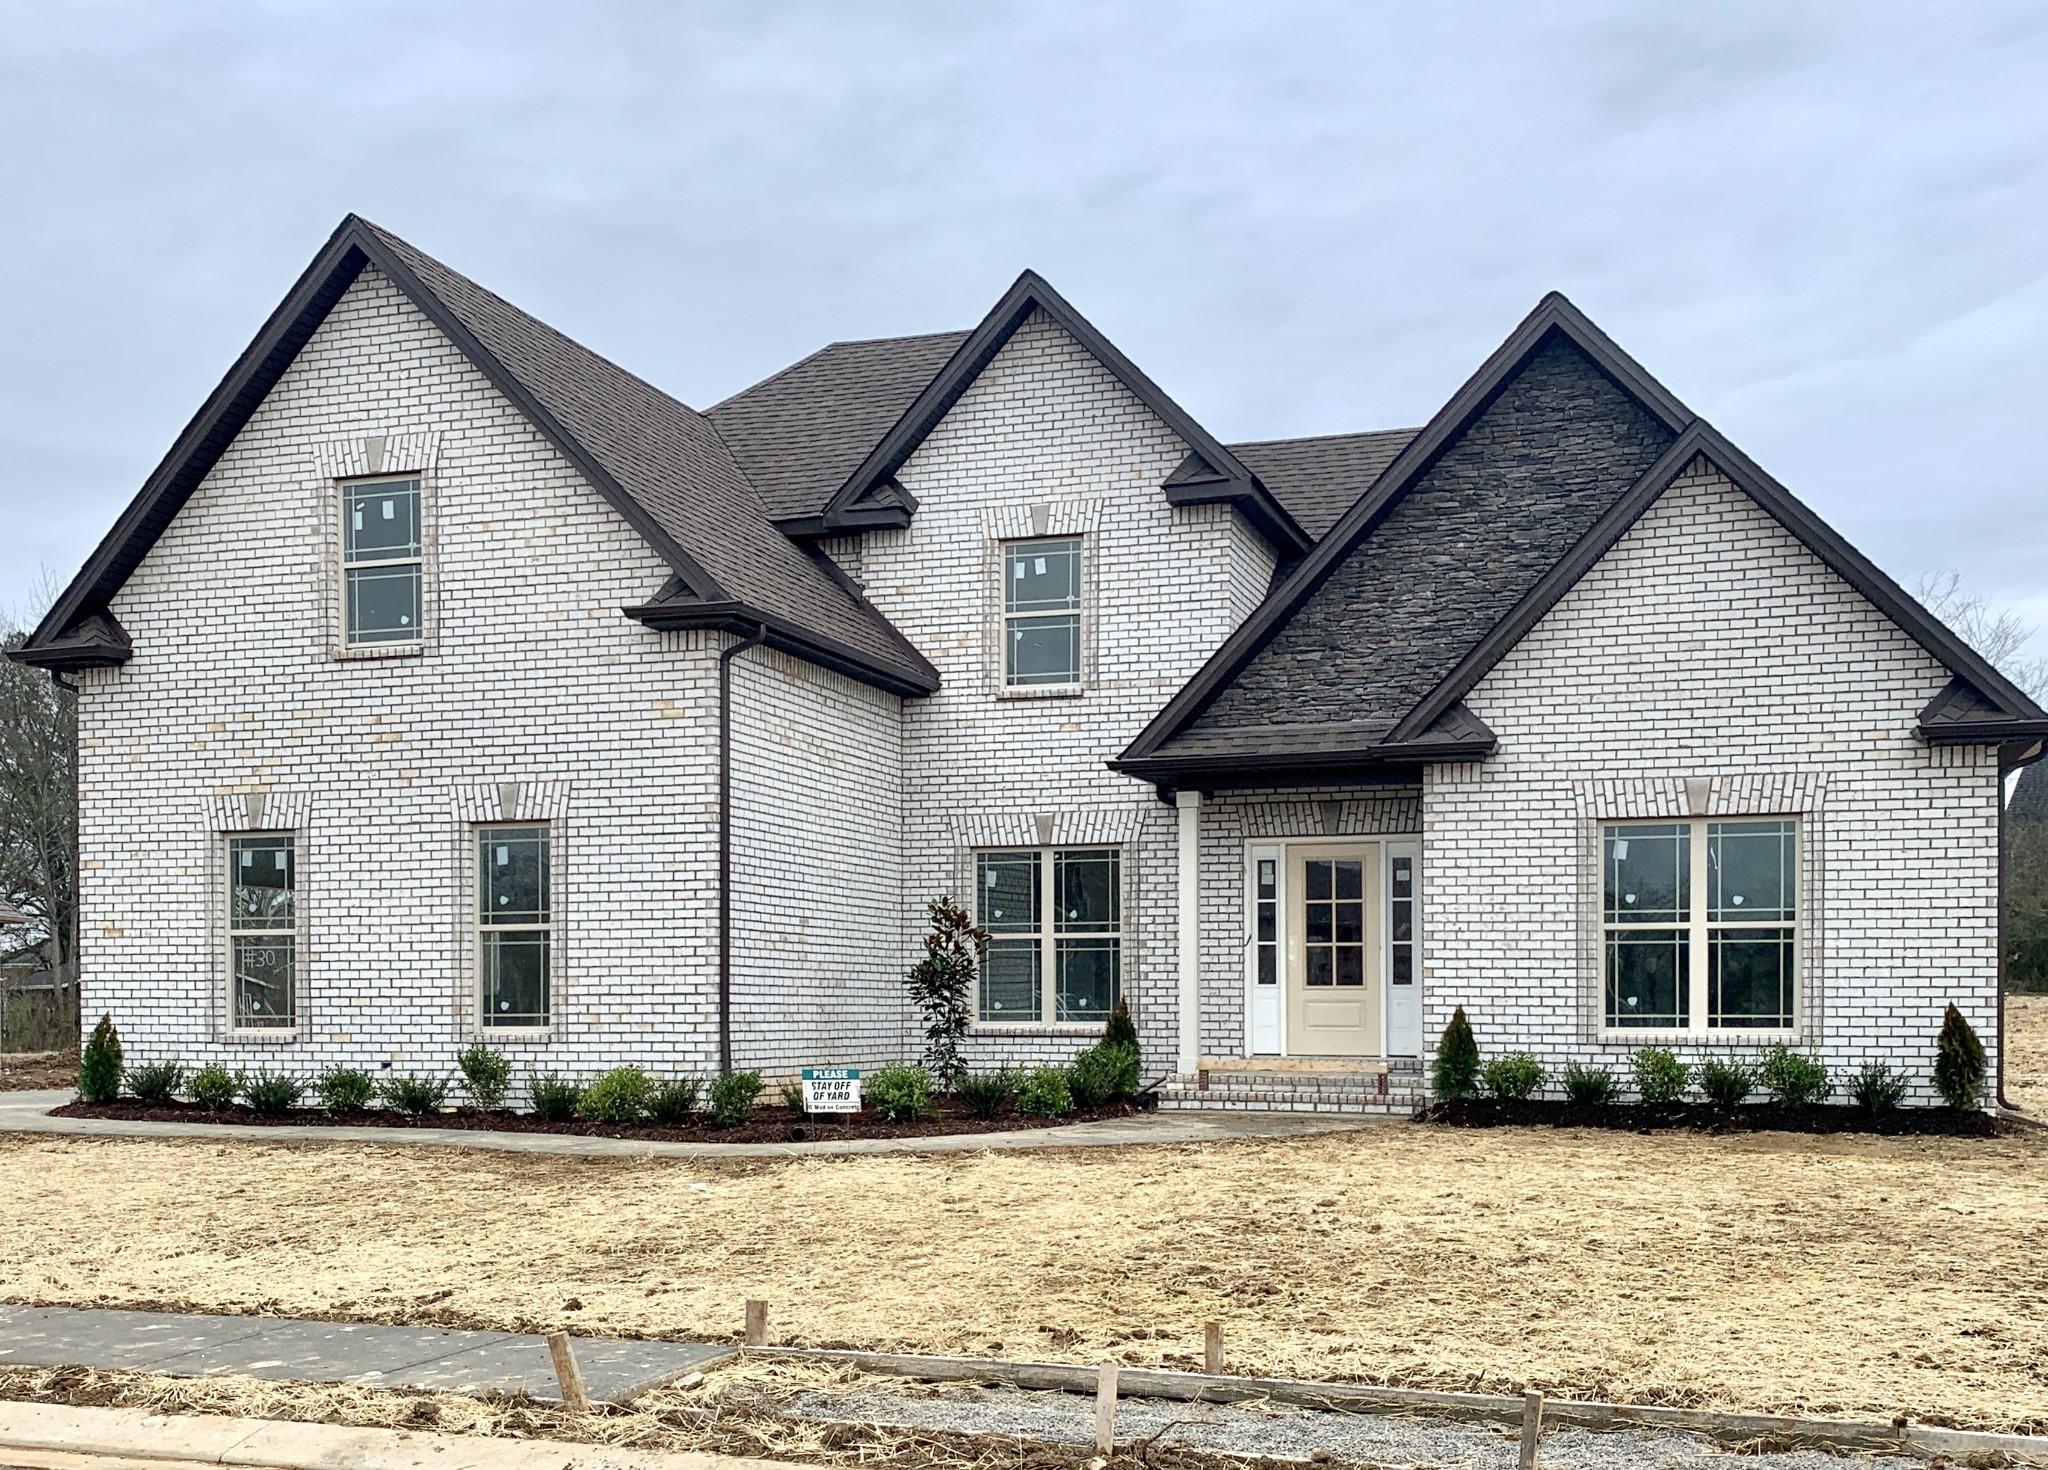 5113 Prickly Pine Place - 34, Murfreesboro, TN 37129 - Murfreesboro, TN real estate listing